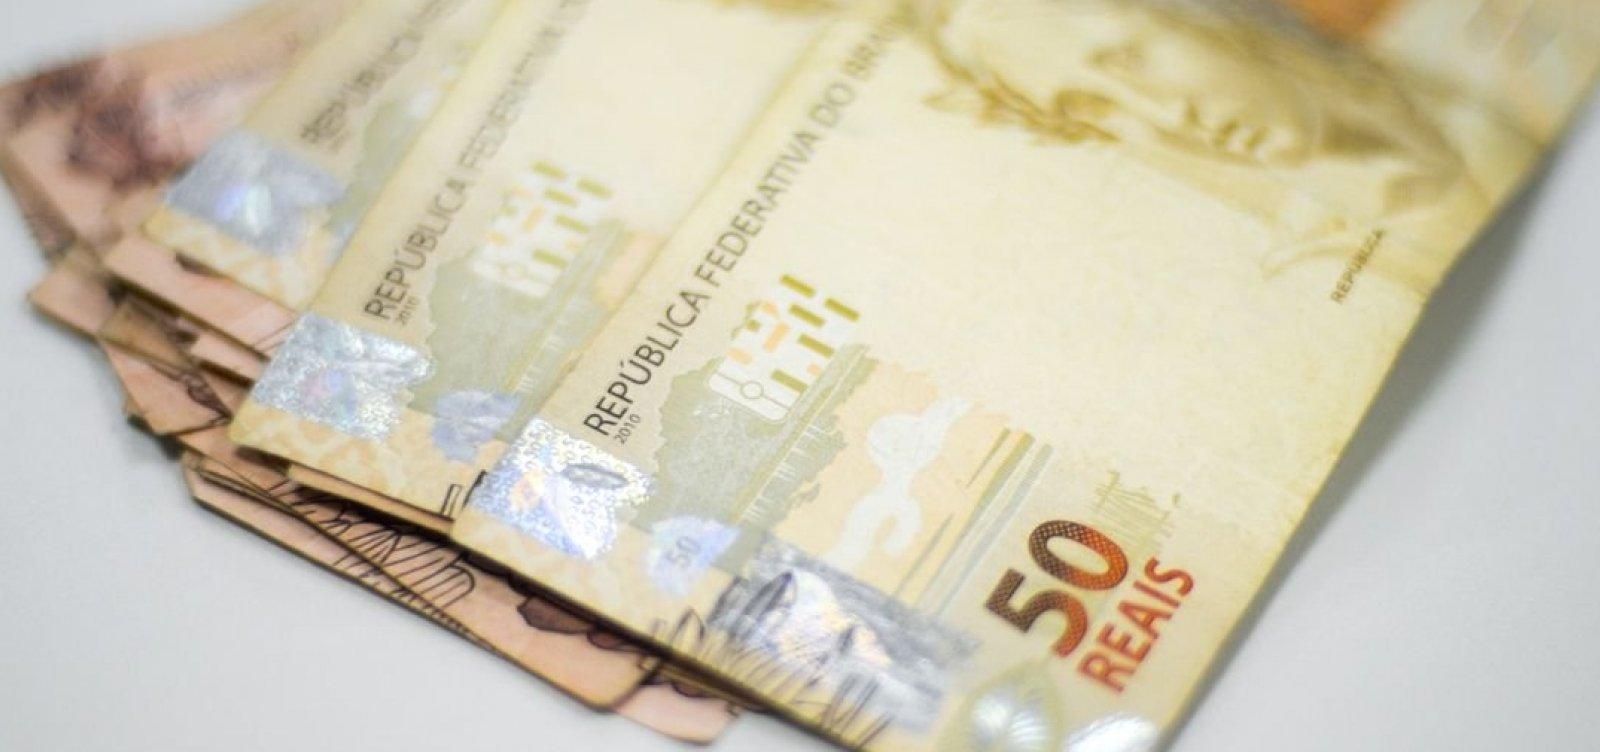 Brasil fica fora de lista dos melhores países para investir